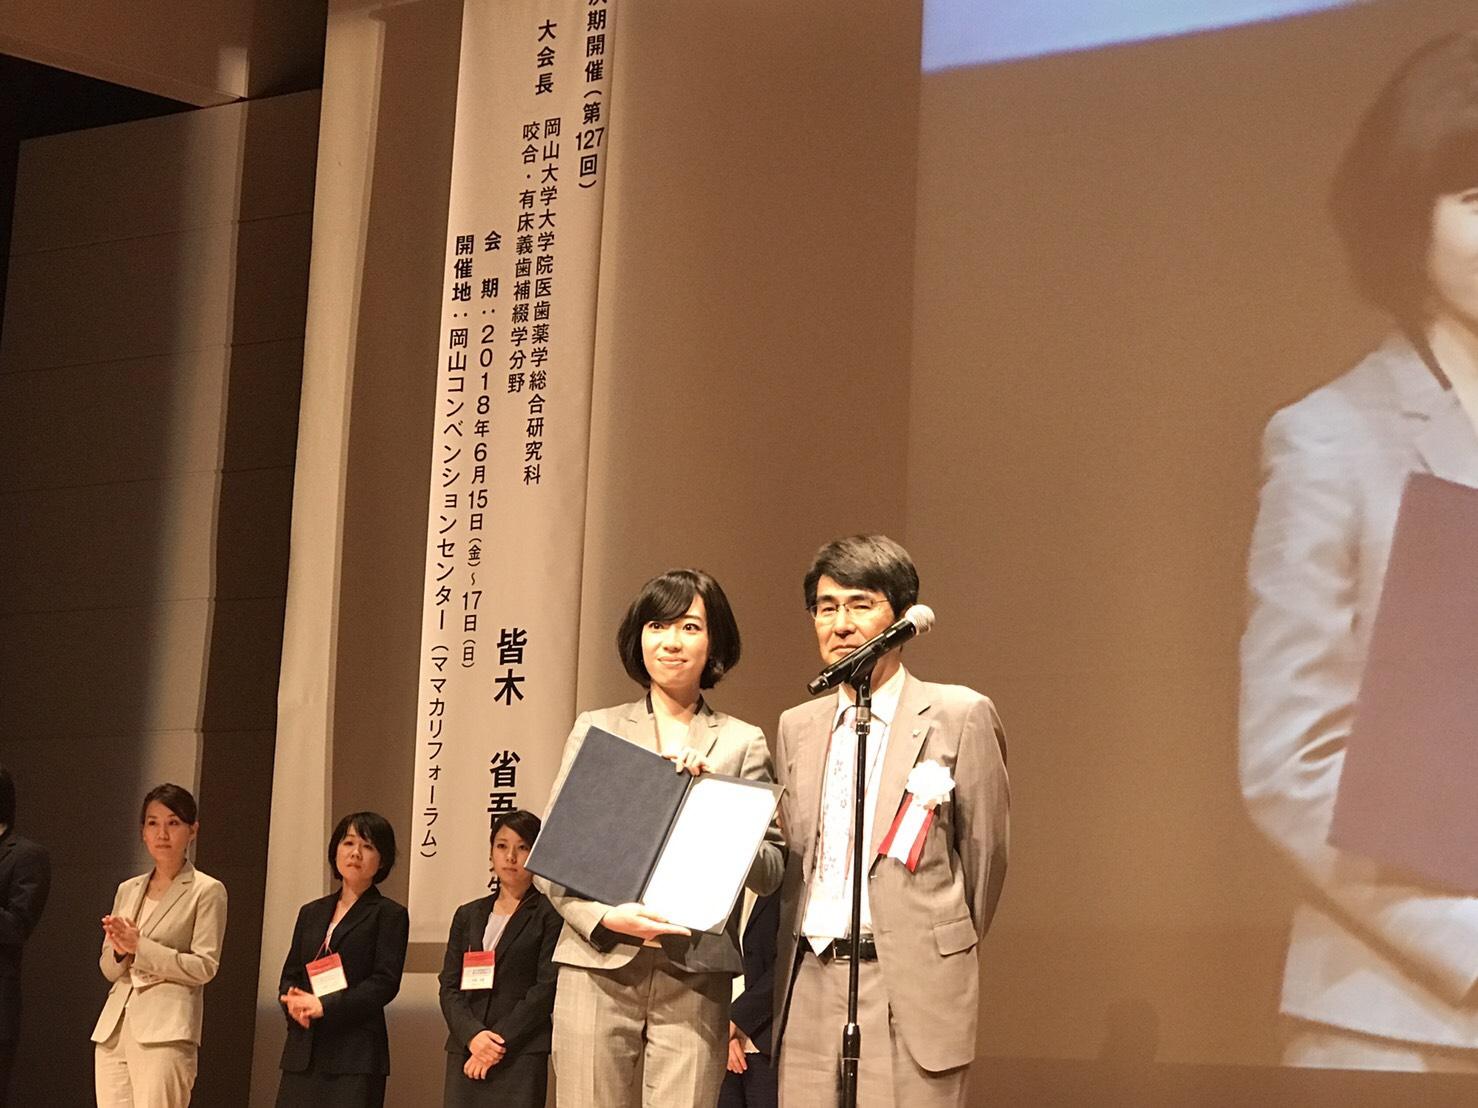 2017年6月30日〜7月2日(日)にパシフィコ横浜にて日本補綴歯科学会第126回学術大会が行われました。